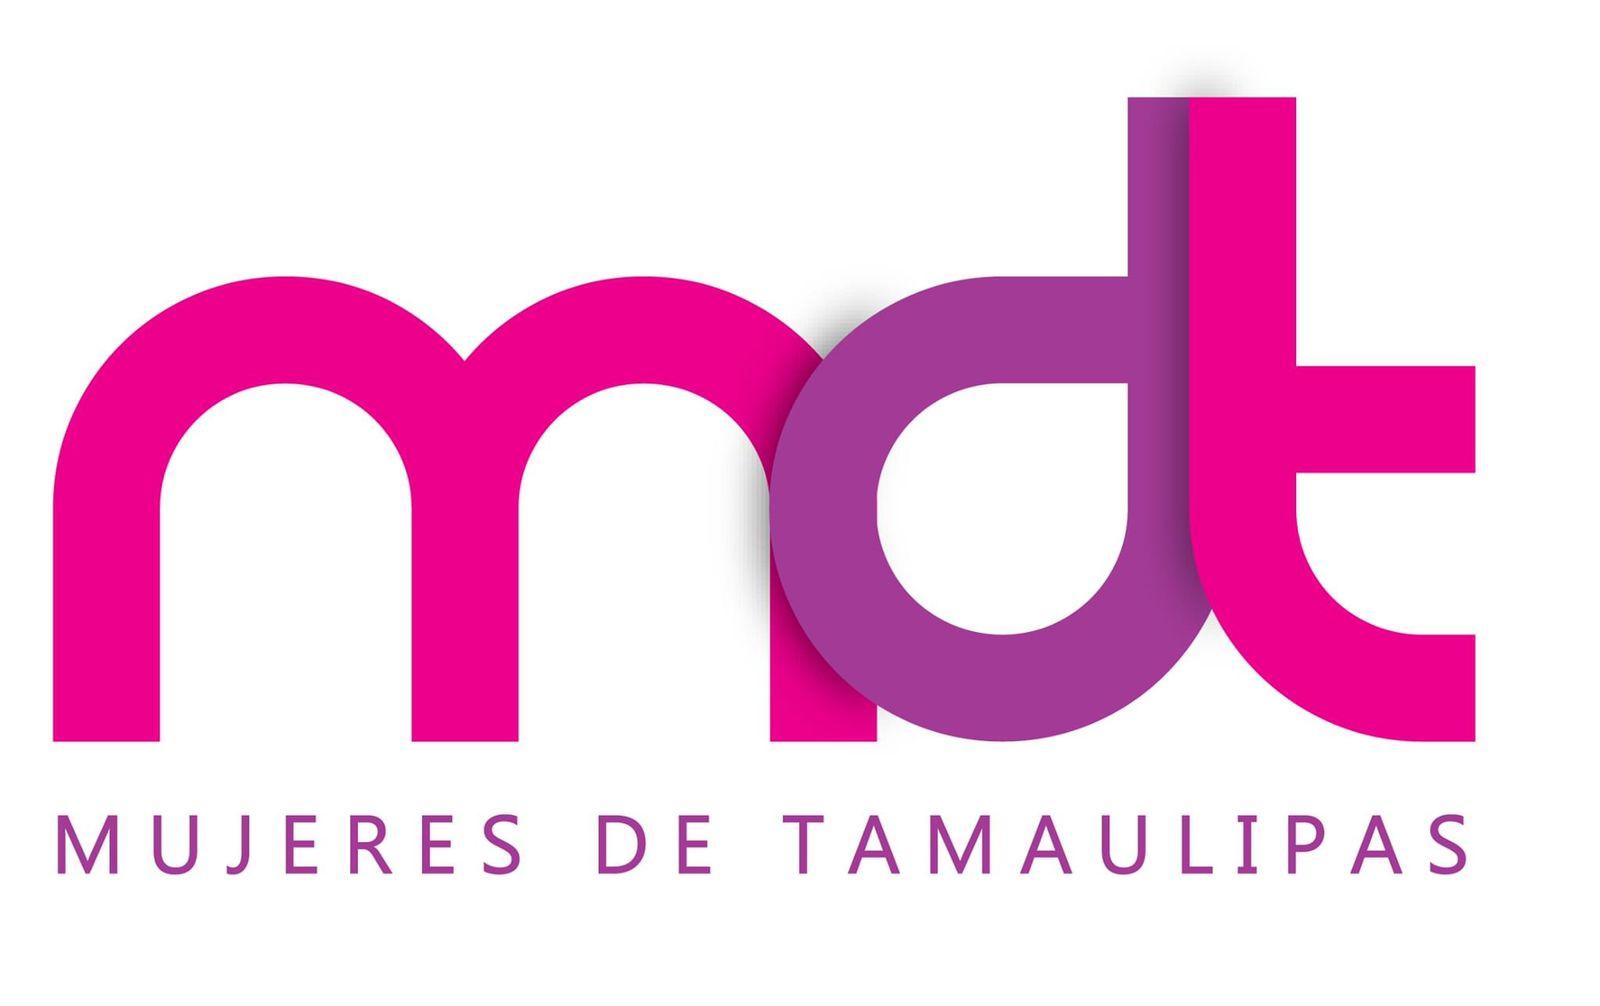 MDT - Mujeres de Tamaulipas